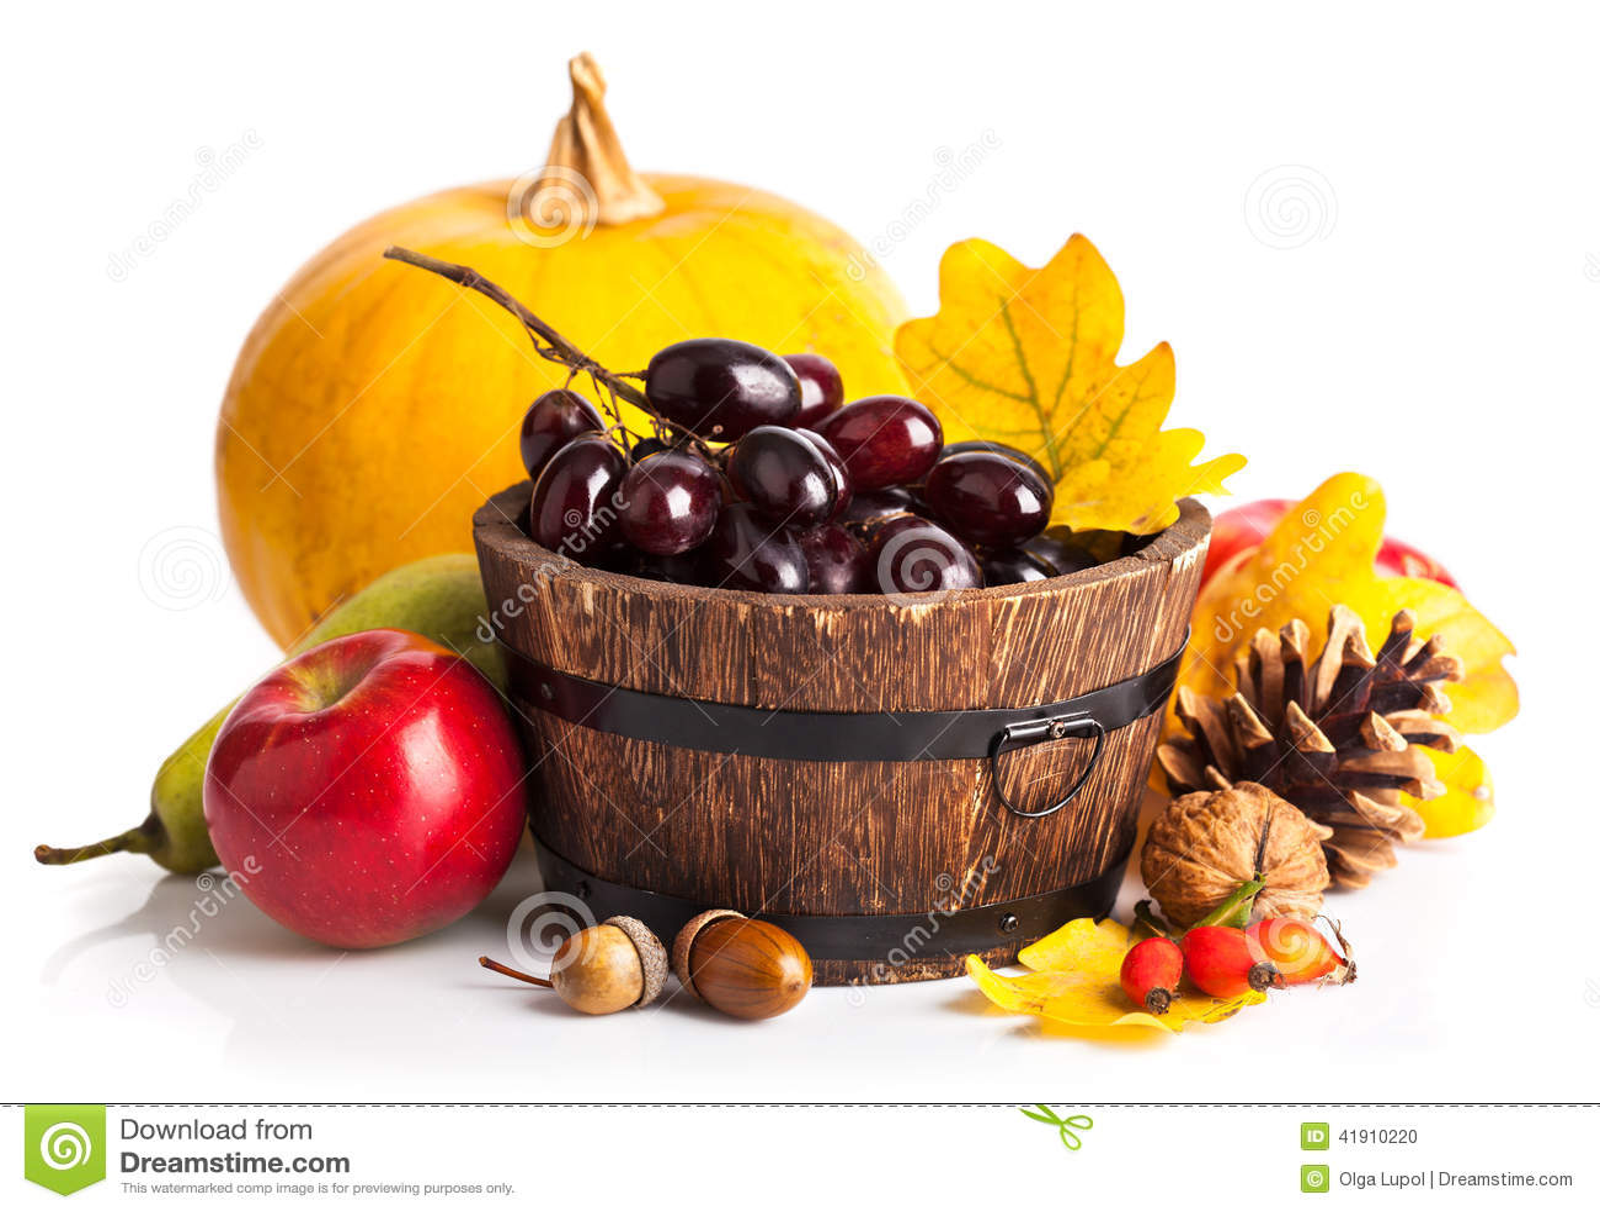 Autumnal harvest fruit and vegetables